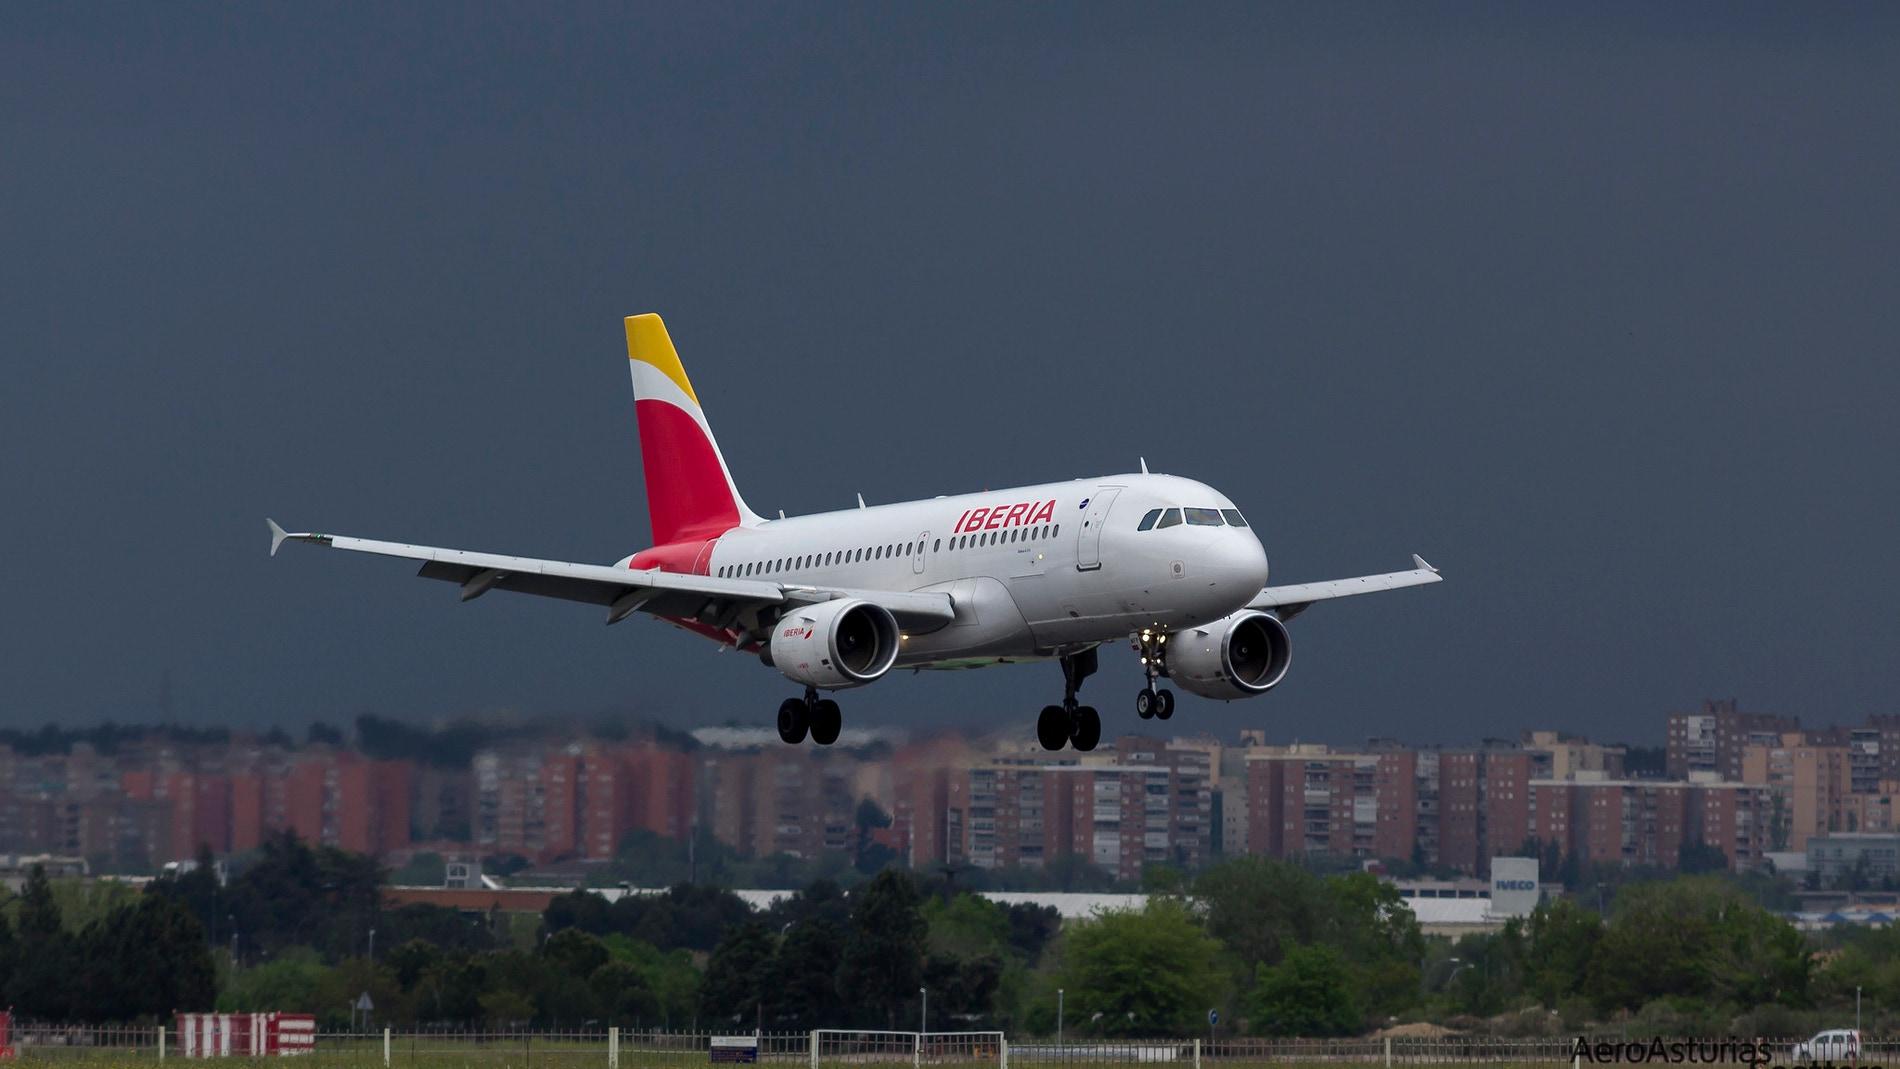 Aterrizaje de un avión en el aeropuerto de Barajas con tormenta